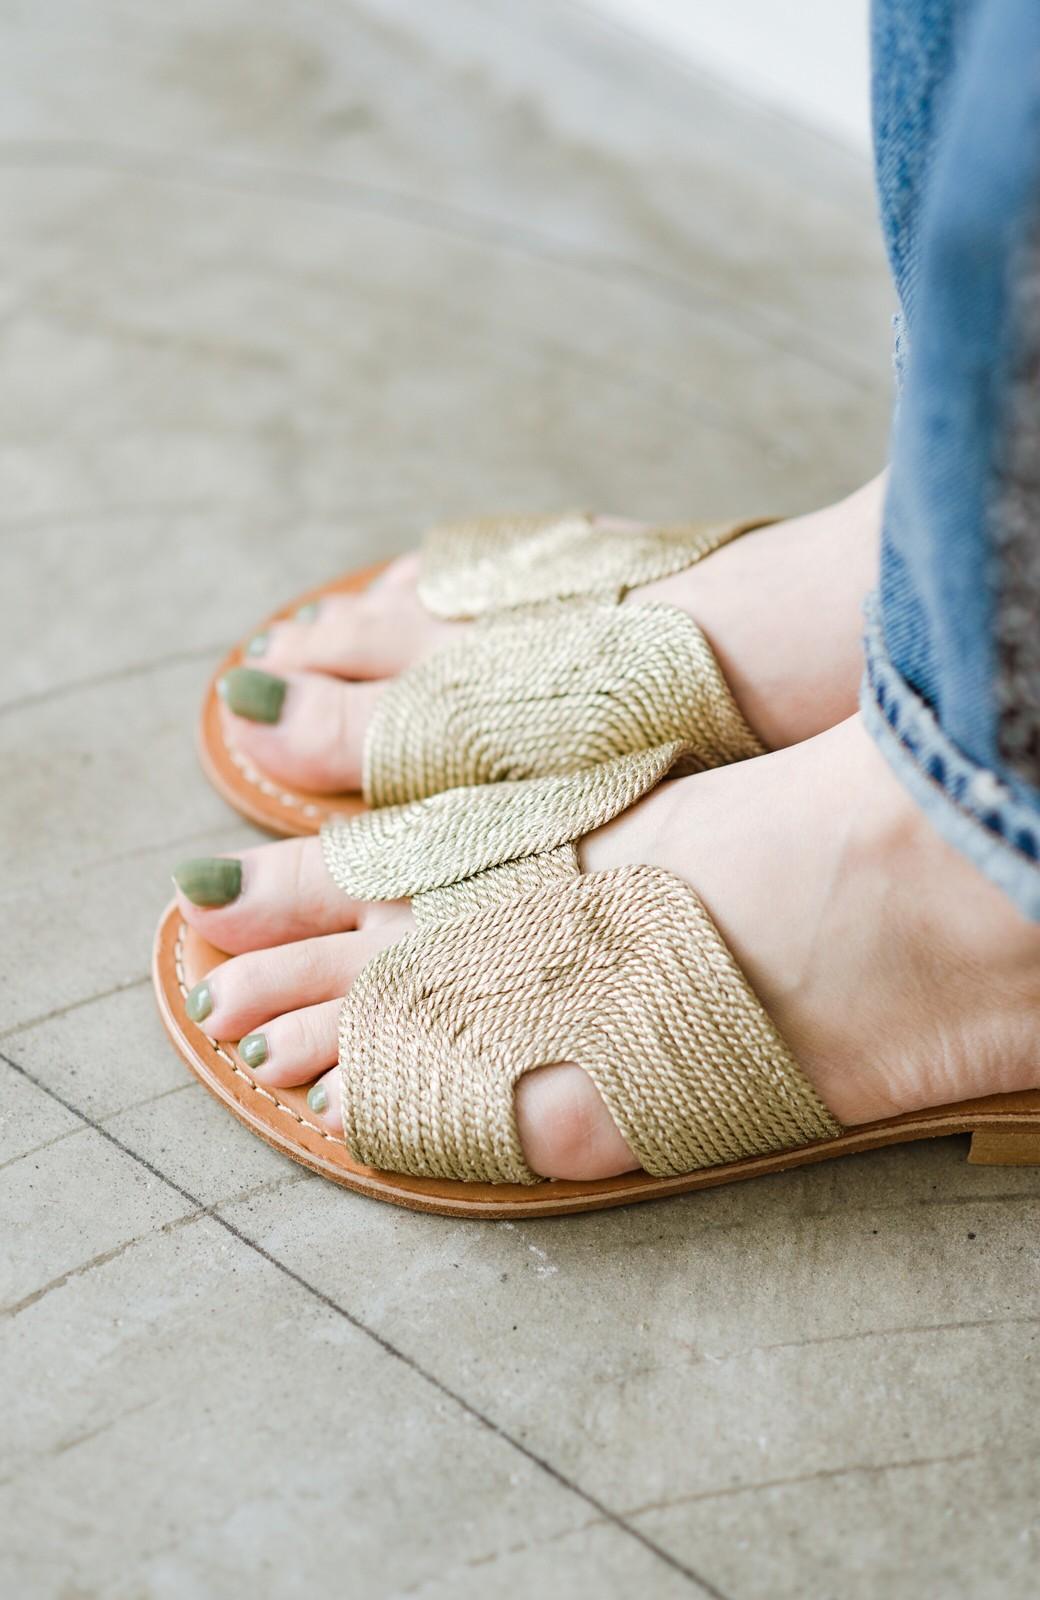 haco! EDER 素足をきれいに魅せてくれるゴールドカラーのフラットサンダル <ゴールド>の商品写真10